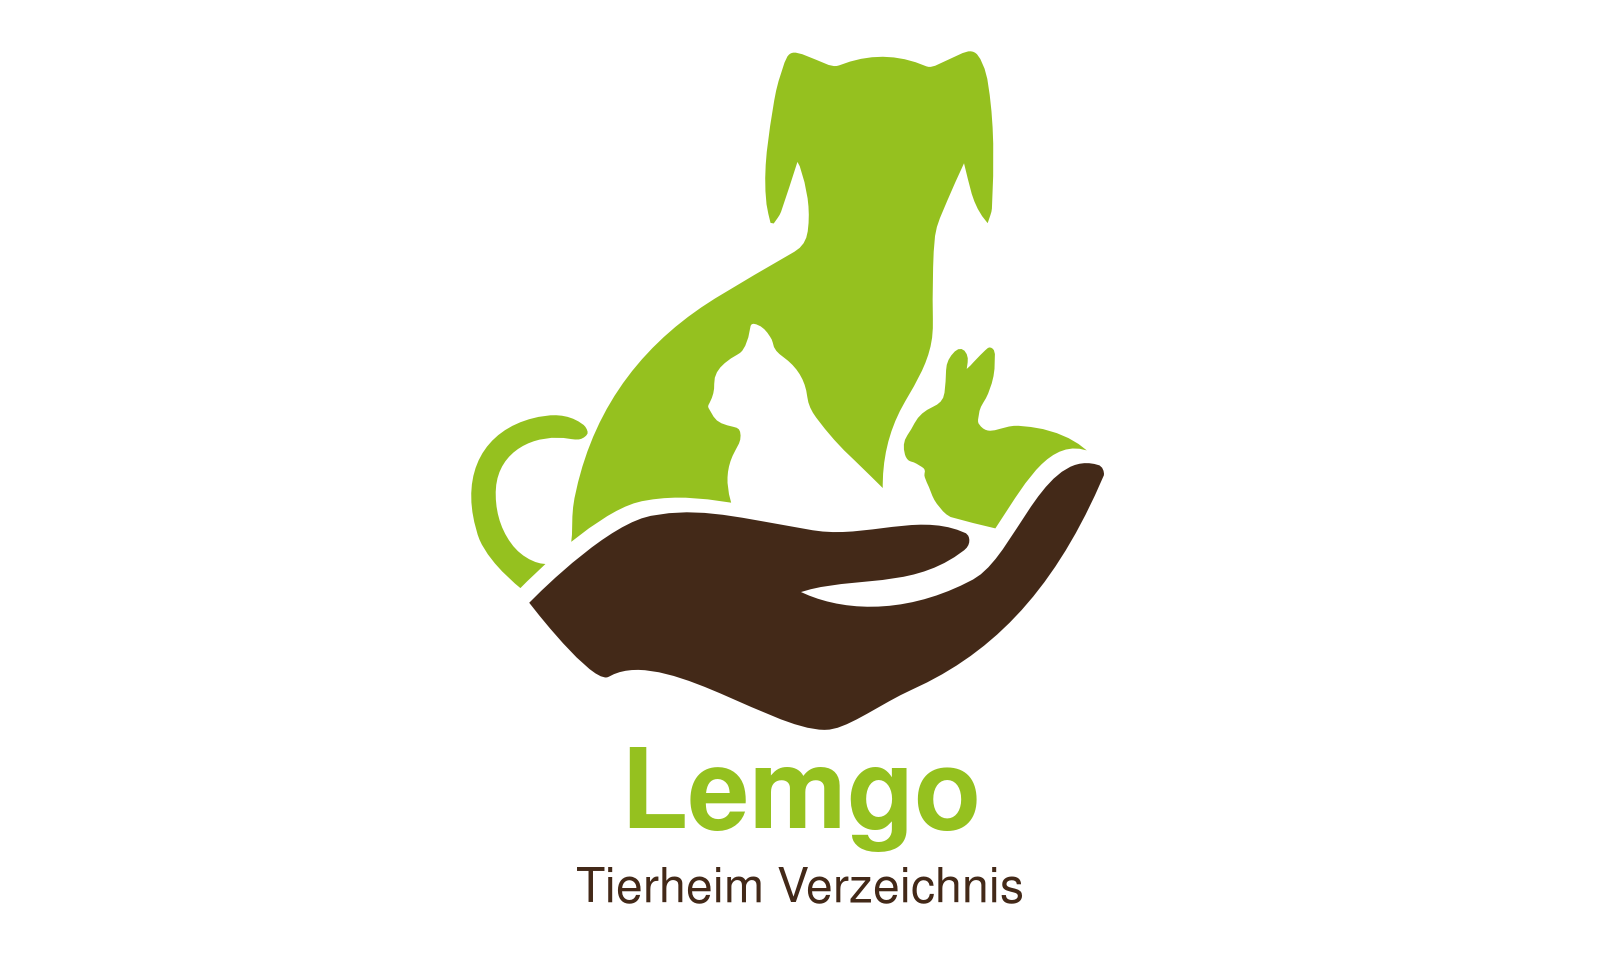 Tierheim Lemgo